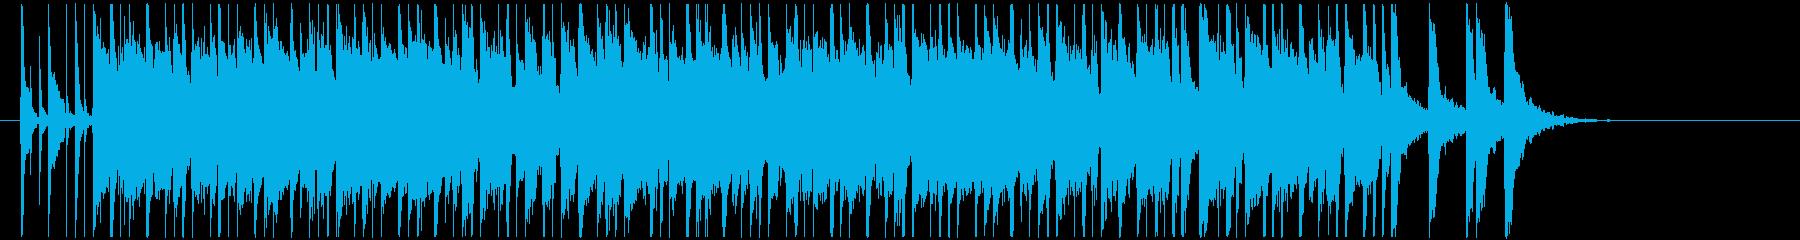 とにかく陽気さを前面に出した曲の再生済みの波形